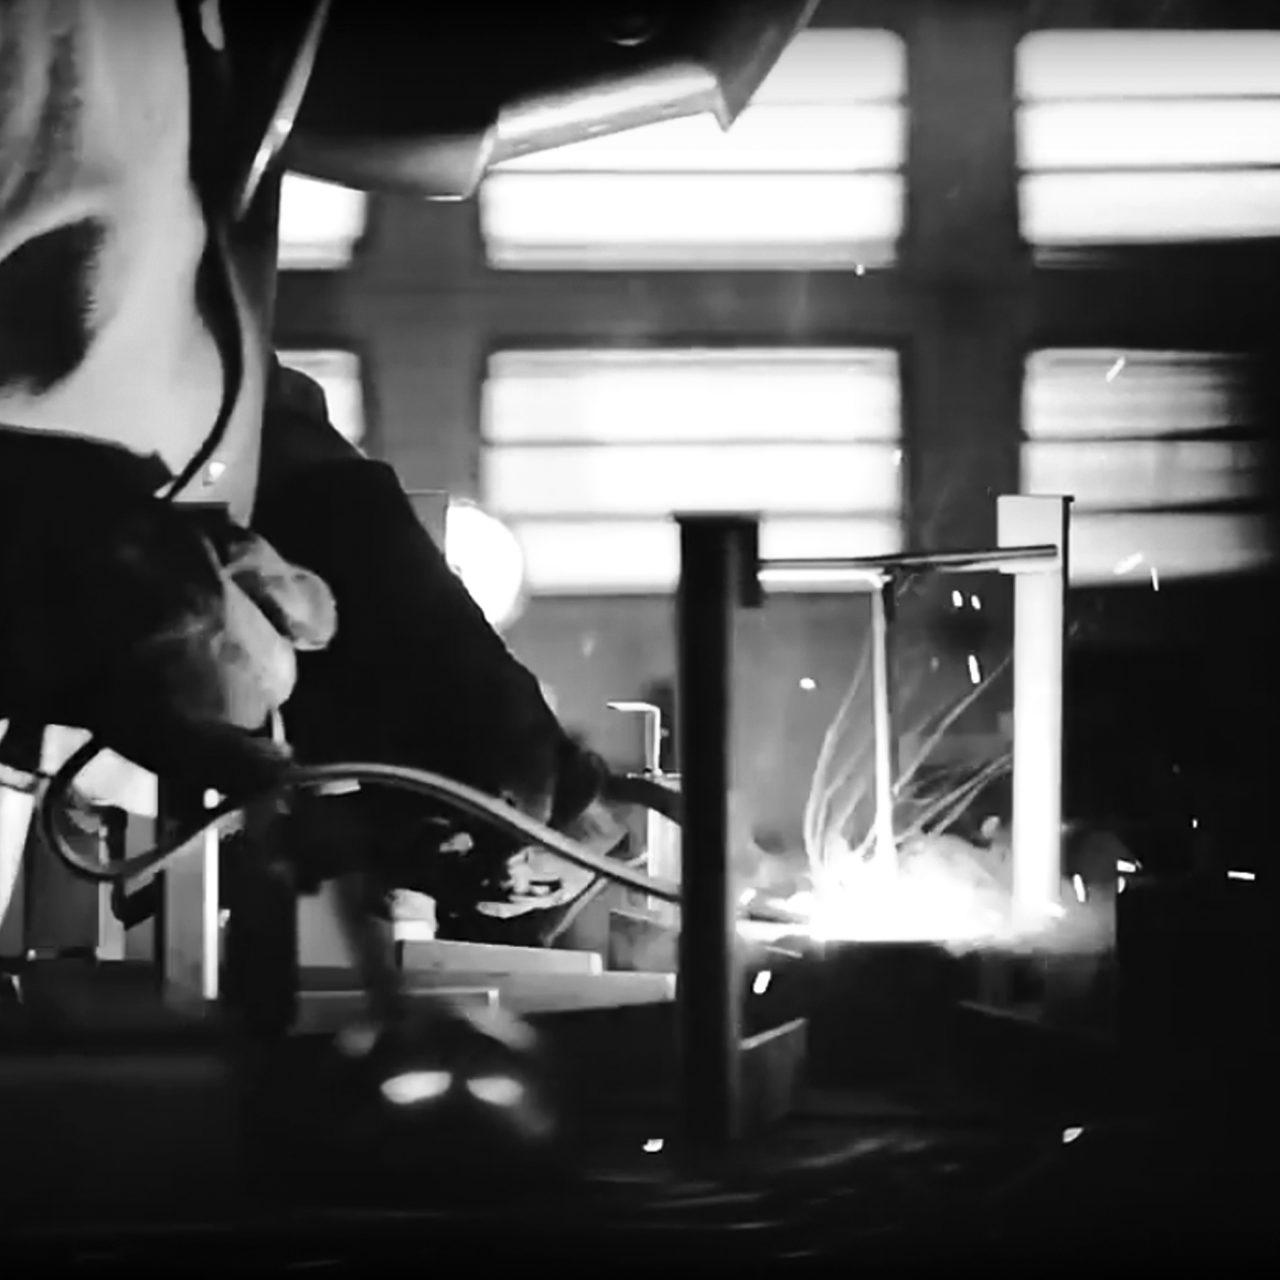 jacco-maris-movie02-zw-1400x1400px